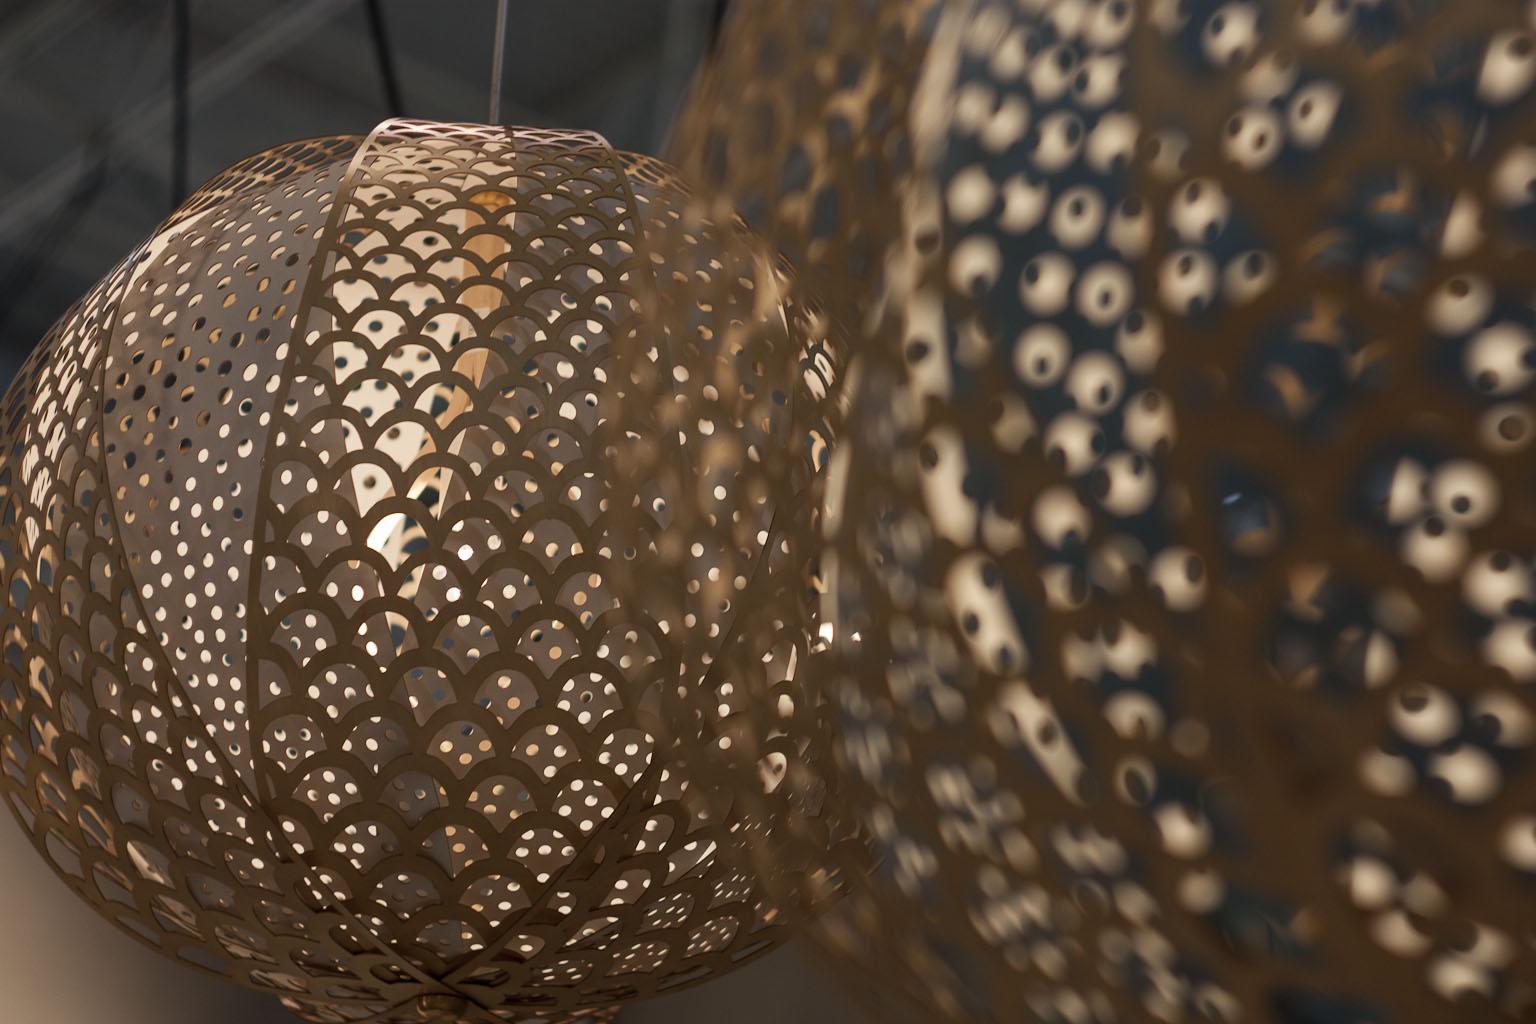 Knopp Lamp Ania Pauser - Klong